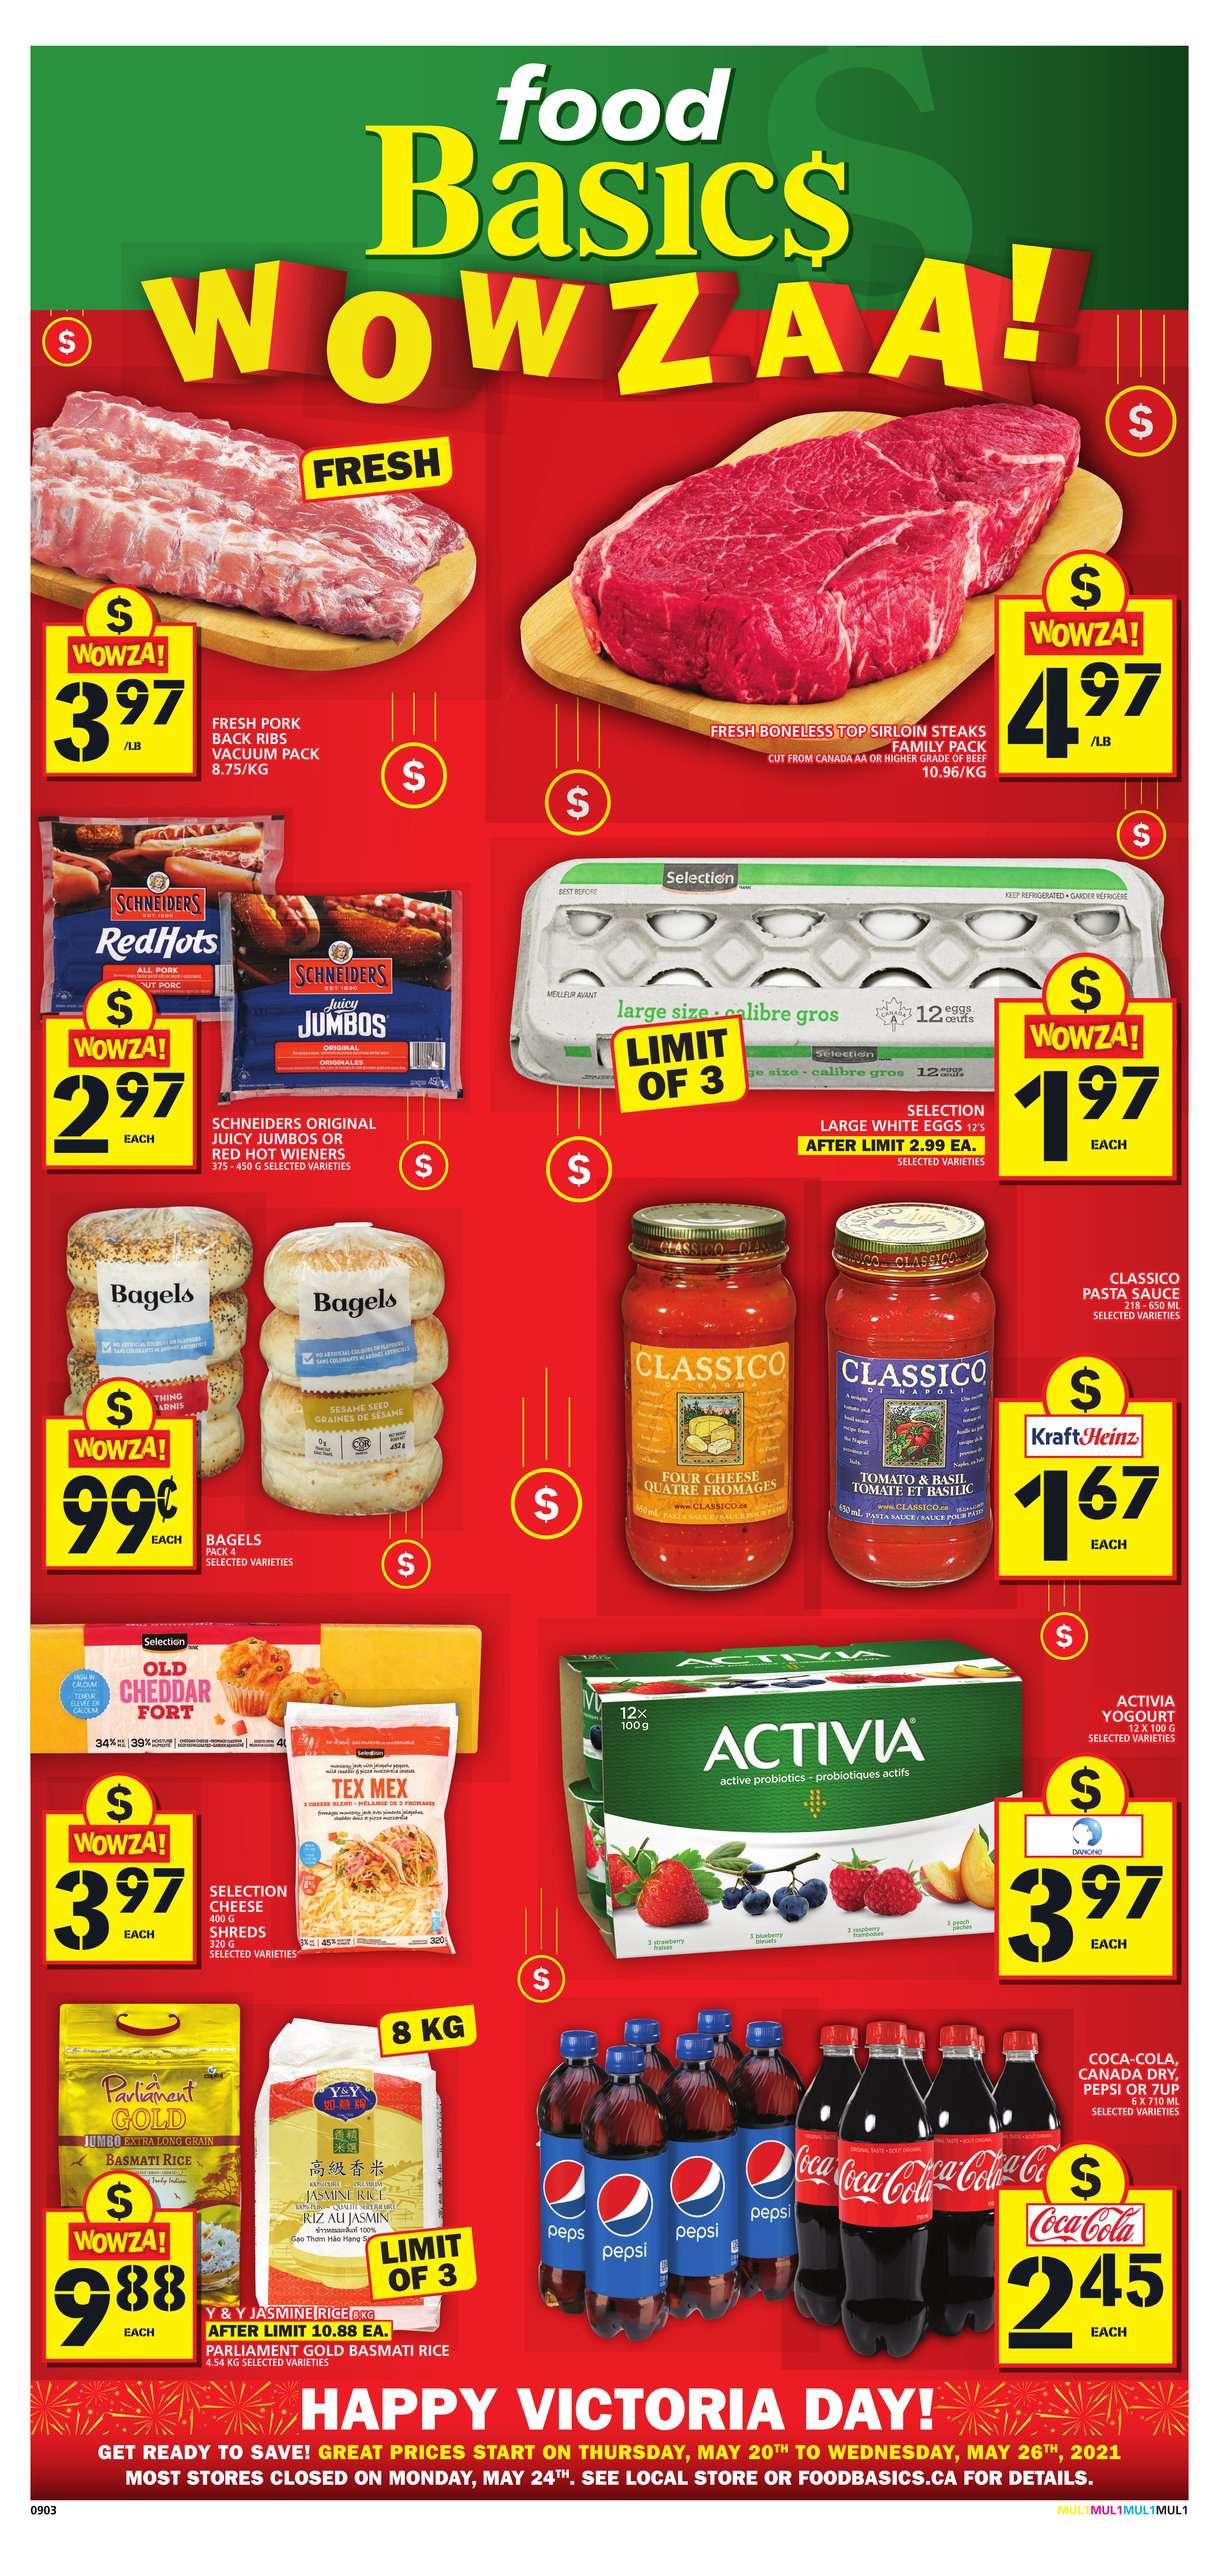 01 Food Basics Flyer May 20 May 26 2021